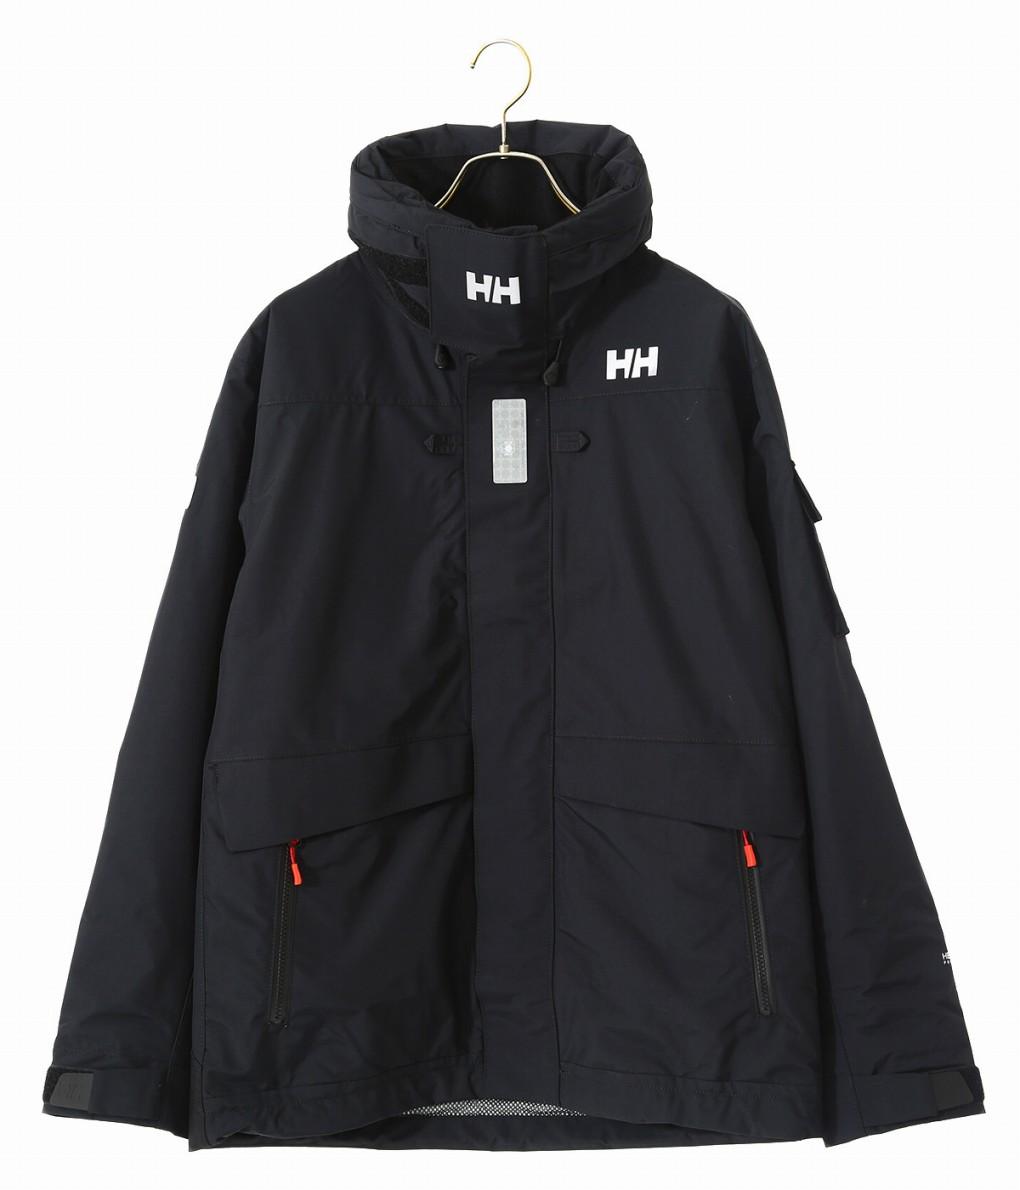 大割引 HELLY HANSEN Scheme/ ヘリーハンセン : Ocean Fray Scheme Jacket CALIFORNIA : オーシャン フレイ ジャケット メンズ : HH11990【PIE】:ARKnets, ジーパンセンターサカイ:da371388 --- nagari.or.id